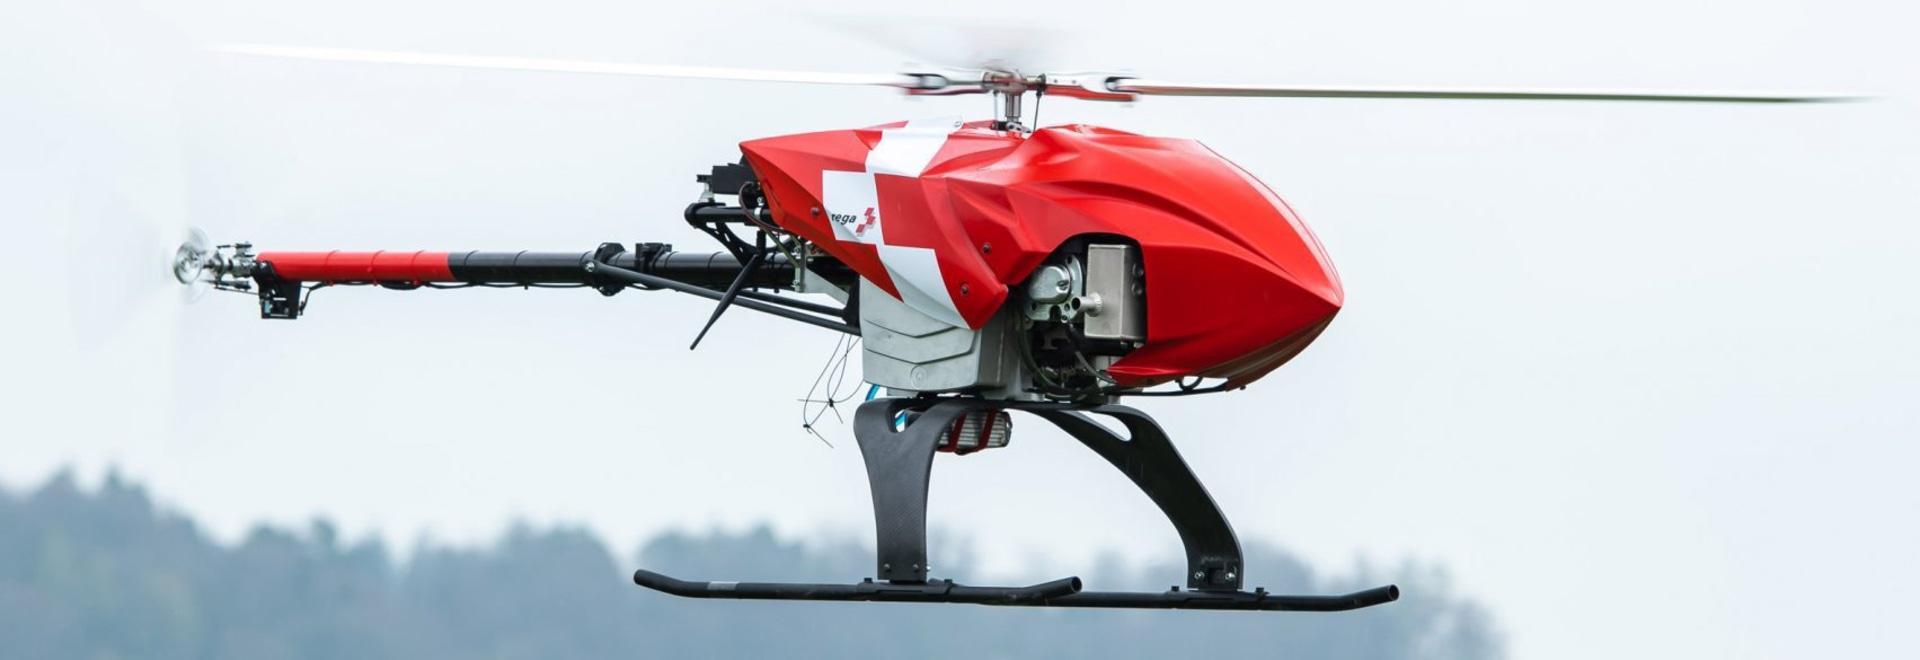 Le drone de sauvetage de la Rega recherchera les personnes disparues de manière autonome